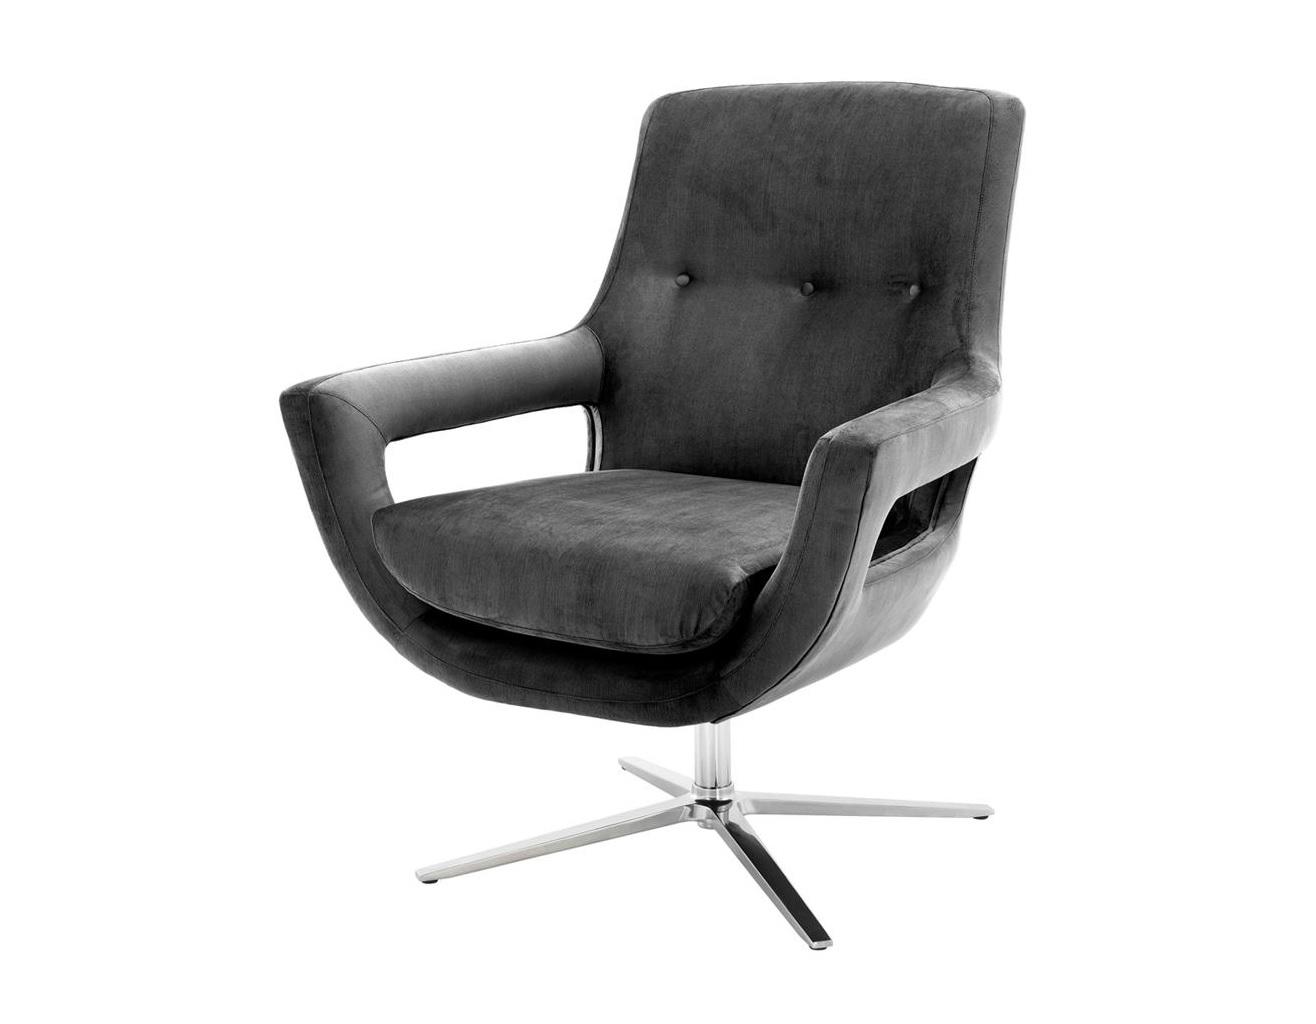 Кресло FlavioРабочие кресла<br><br><br>Material: Текстиль<br>Ширина см: 86.0<br>Высота см: 101.0<br>Глубина см: 82.0